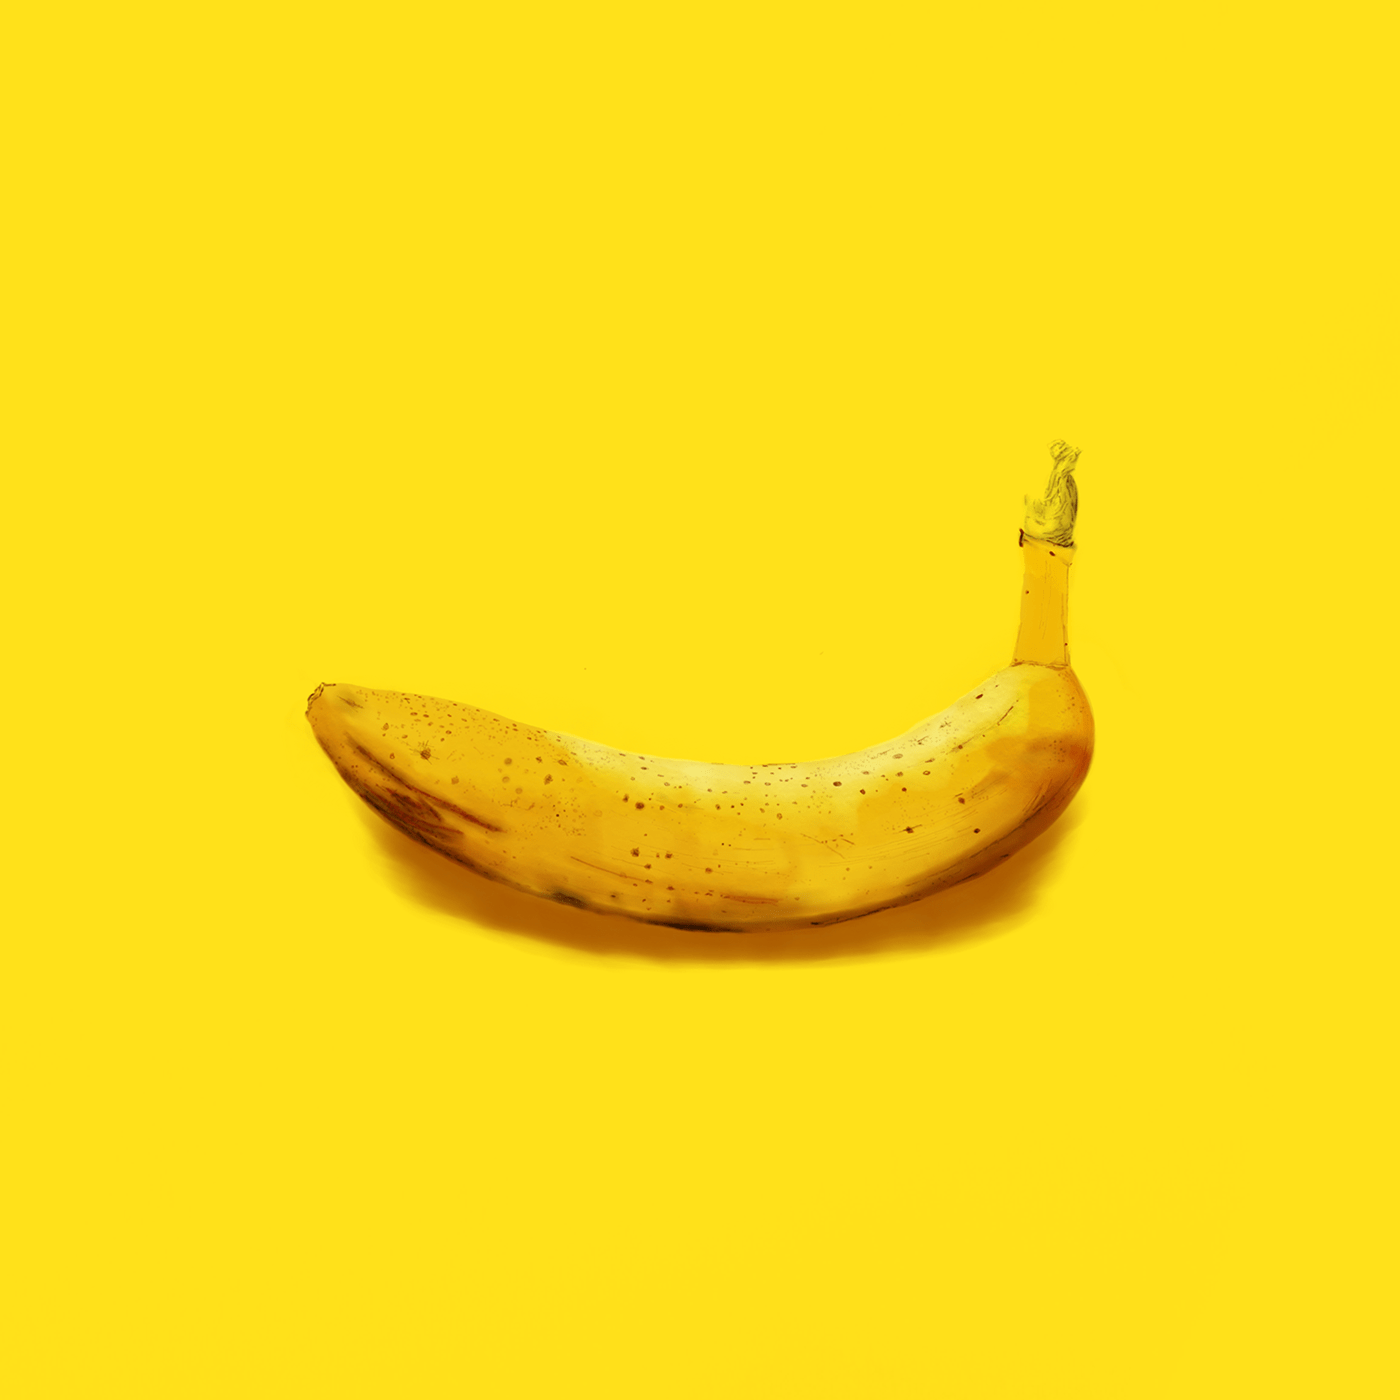 Image may contain: banana, cooking plantain and yellow